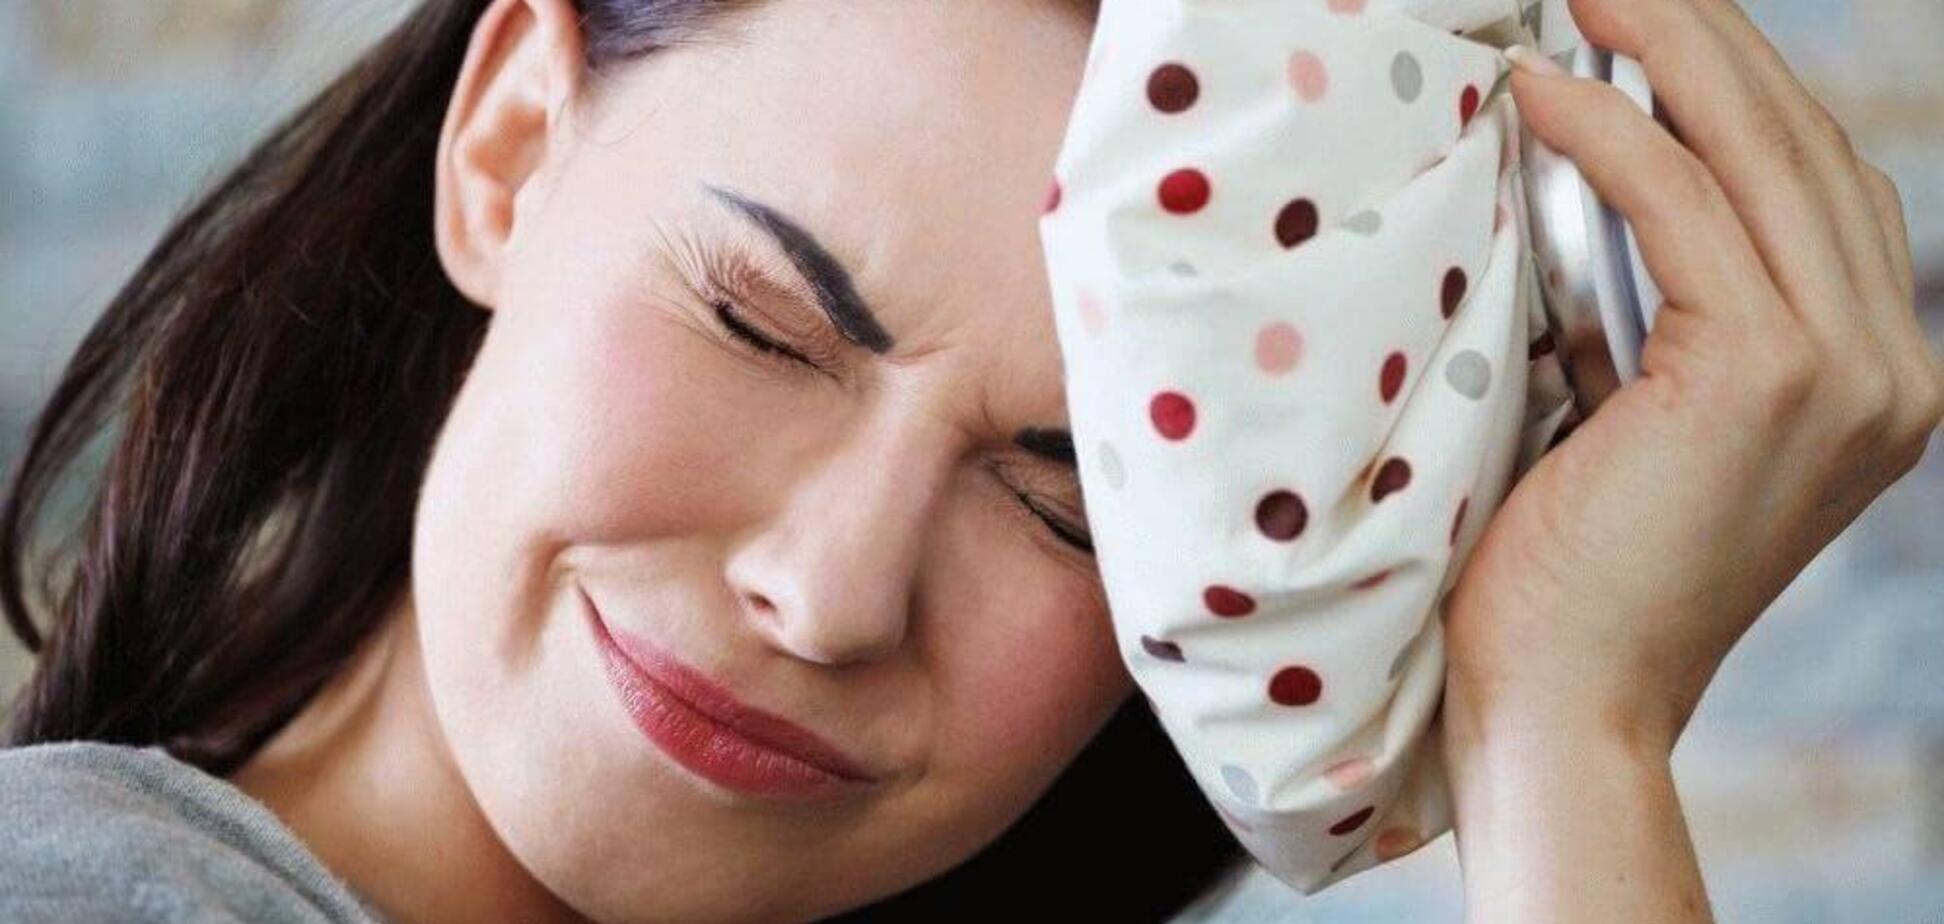 Врач назвала неожиданную опасность мигрени для человека